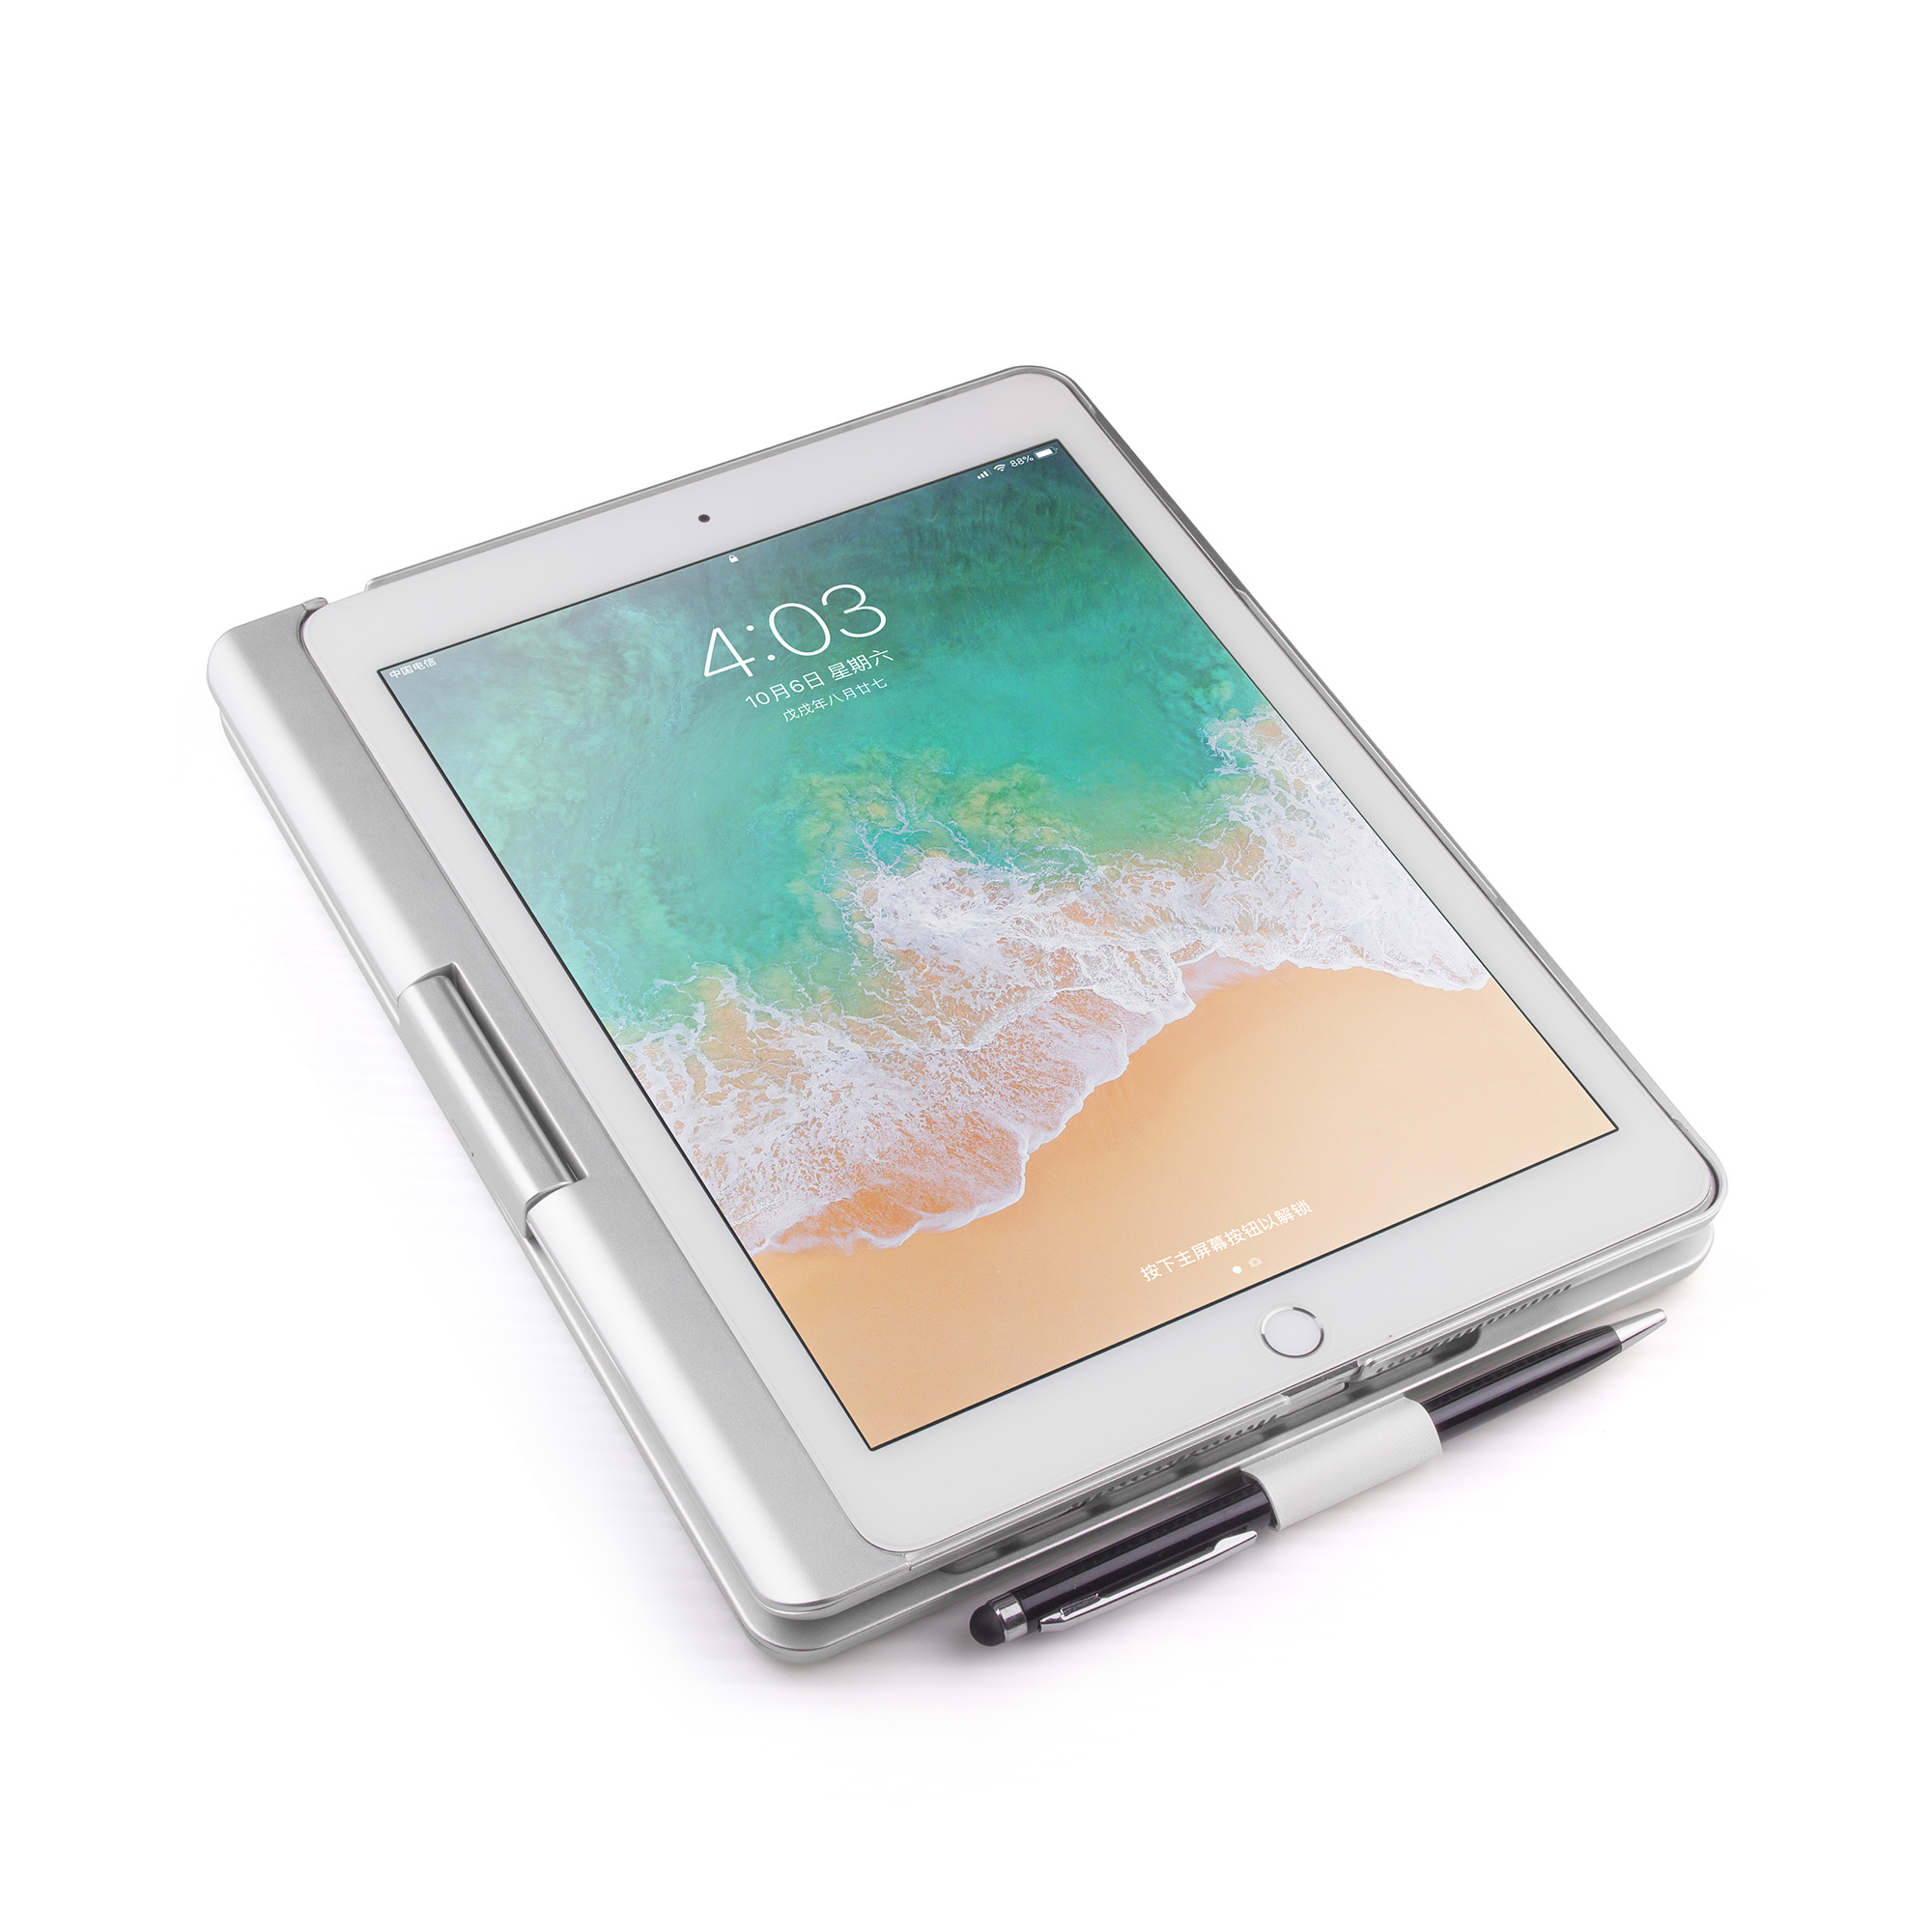 תאורה אחורית 360 Case מקלדת Bluetooth האלחוטית תואר הסיבוב עבור 11 אינץ Pro iPad 2018 עם תאורה אחורית LED צבעוני (3)